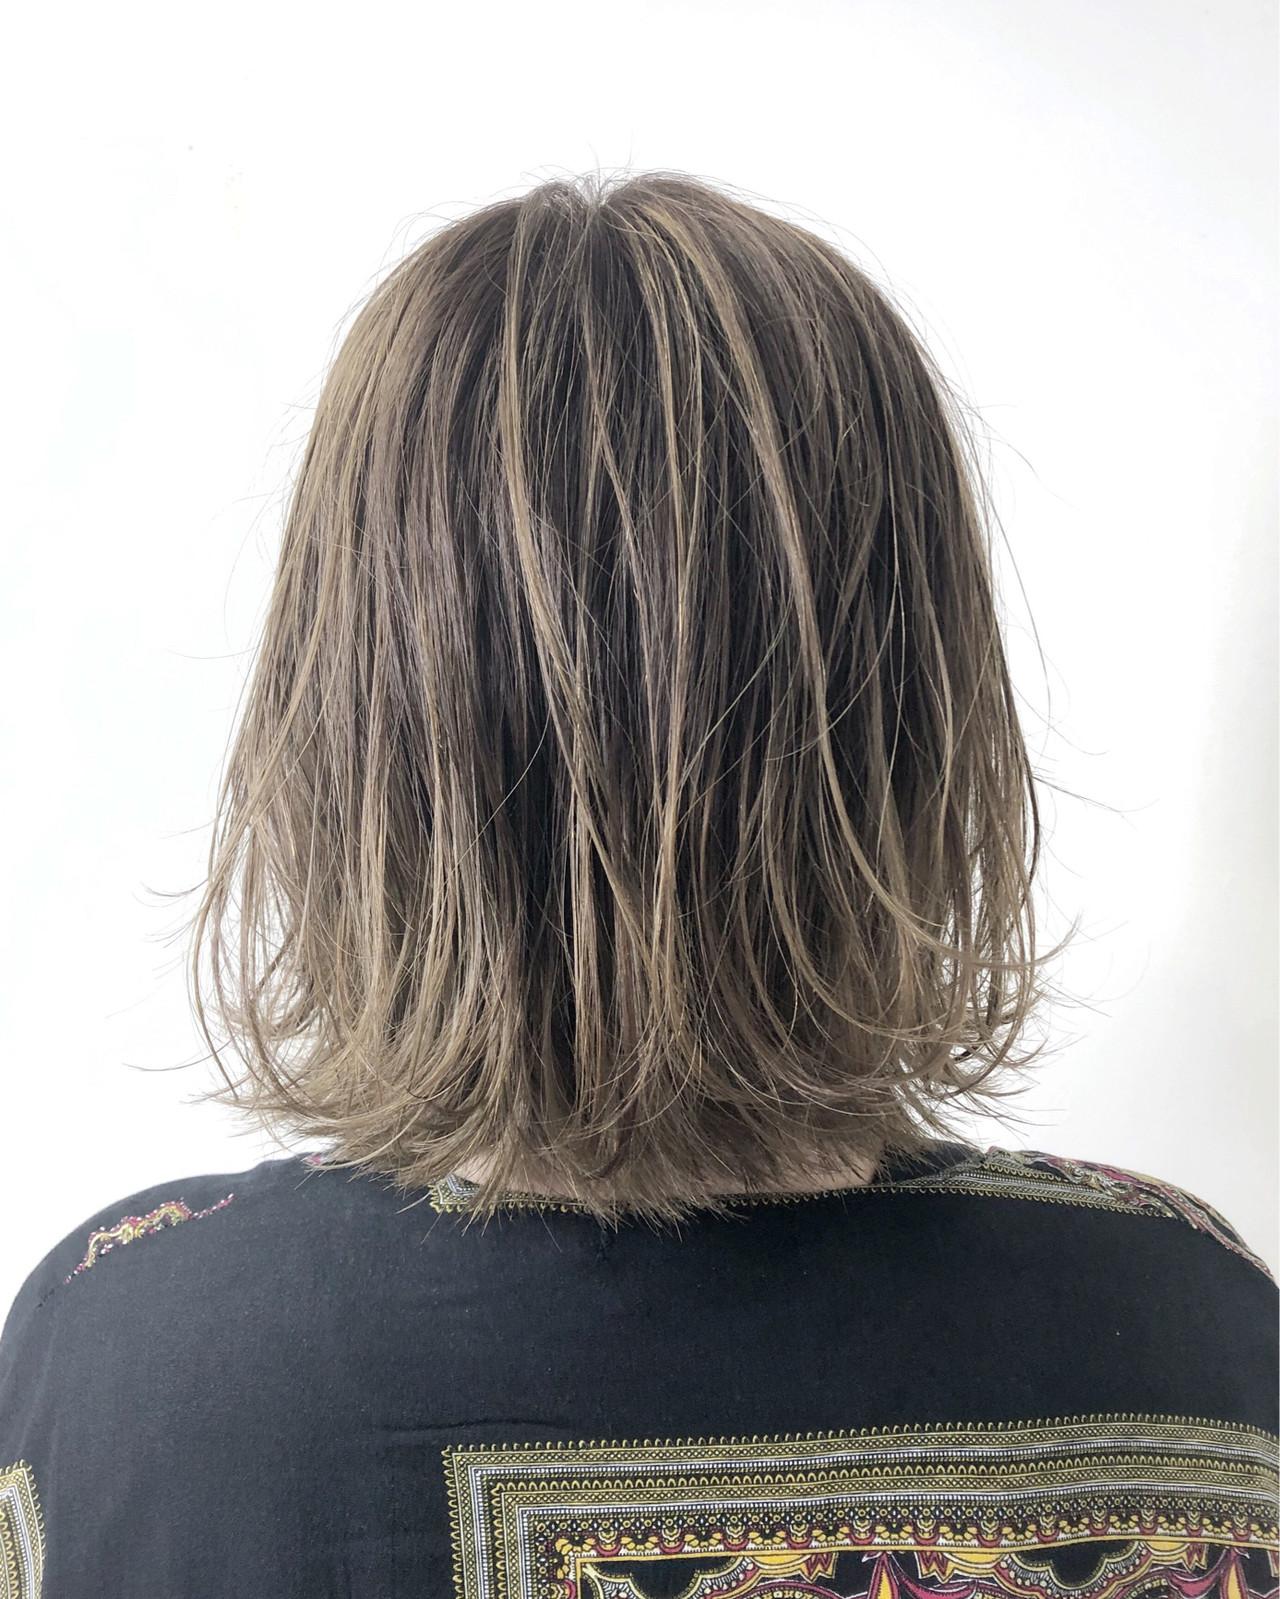 ブリーチオンカラー ハイライト ストリート グレージュ ヘアスタイルや髪型の写真・画像 | 松本 忠晴 / mixjam+Musee